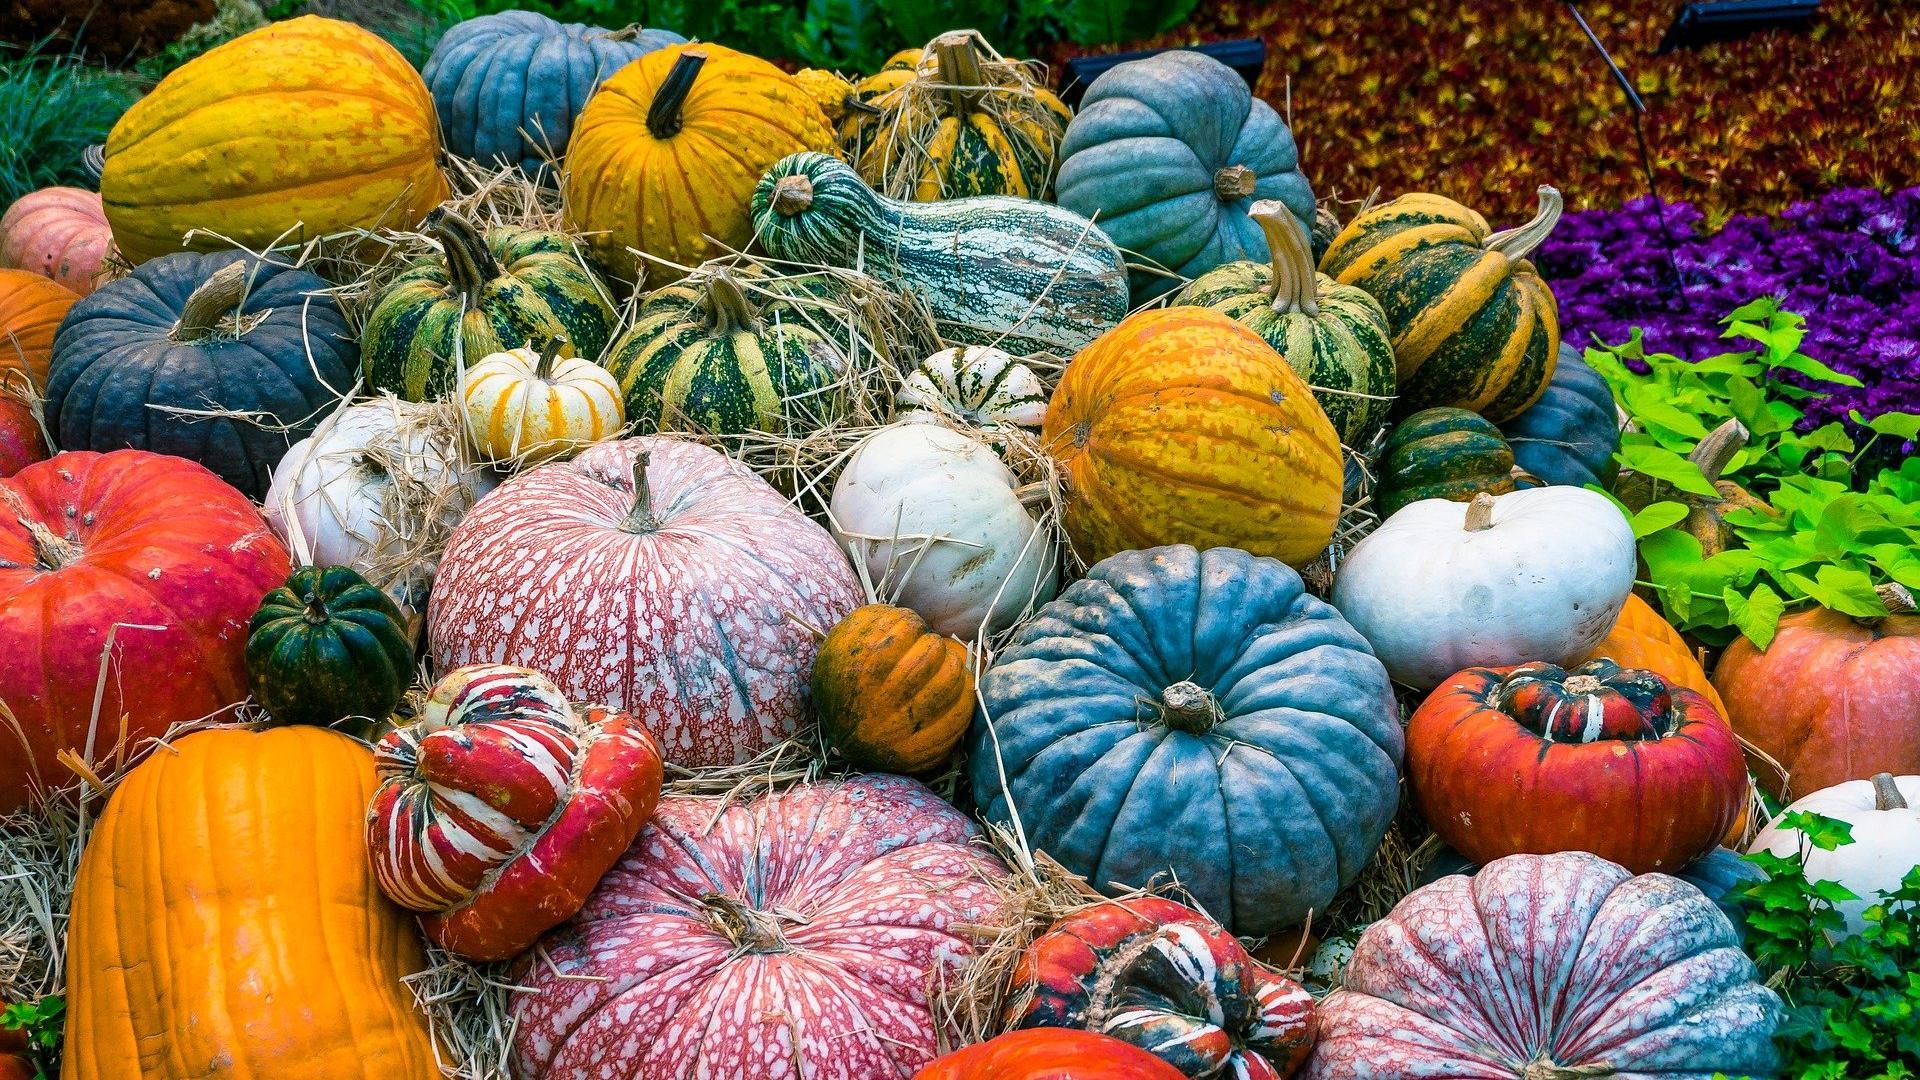 Sparen im Herbst: Diese Lebensmittel sind jetzt besonders günstig